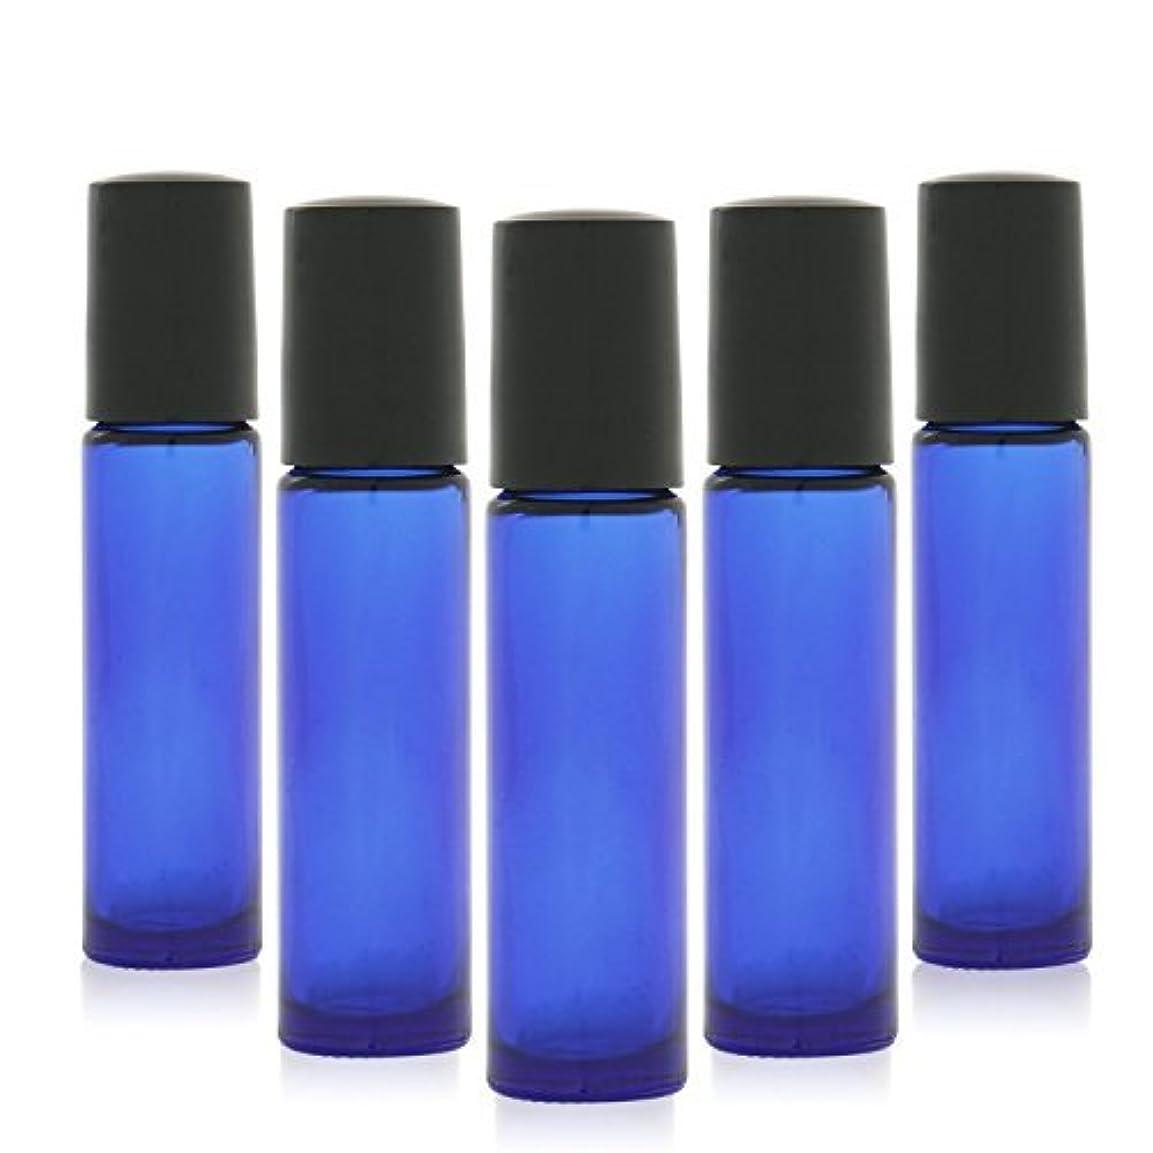 投資インスタント先住民12 pcs, 10ml Cobalt Blue Glass Roller Bottles with Stainless Steel Roller Ball for Essential Oil - Includes 12 Pieces Labels, Essential Oils Opener, 2 Droppers [並行輸入品]